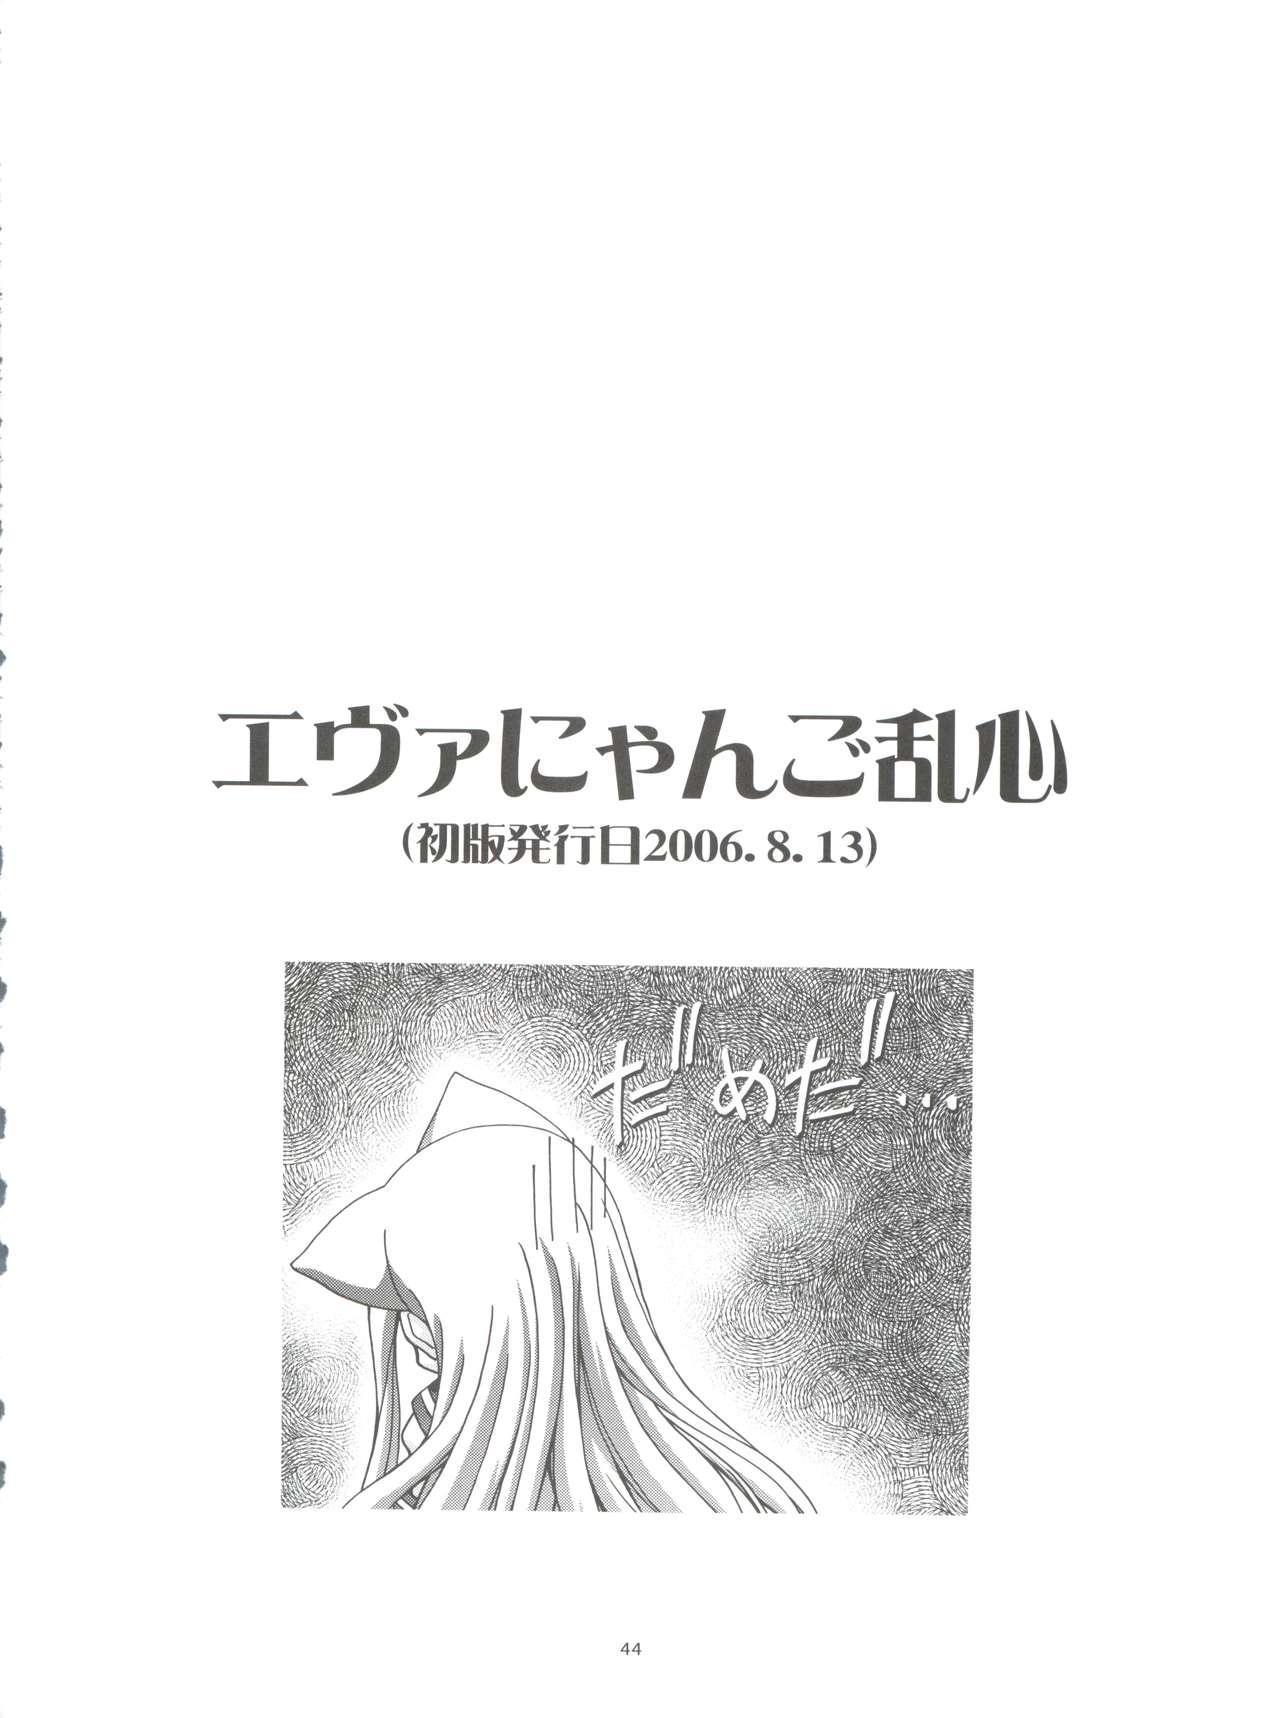 Mahora Gakuen Tyuutoubu 3-A Soushuuhen Vol. 1 43